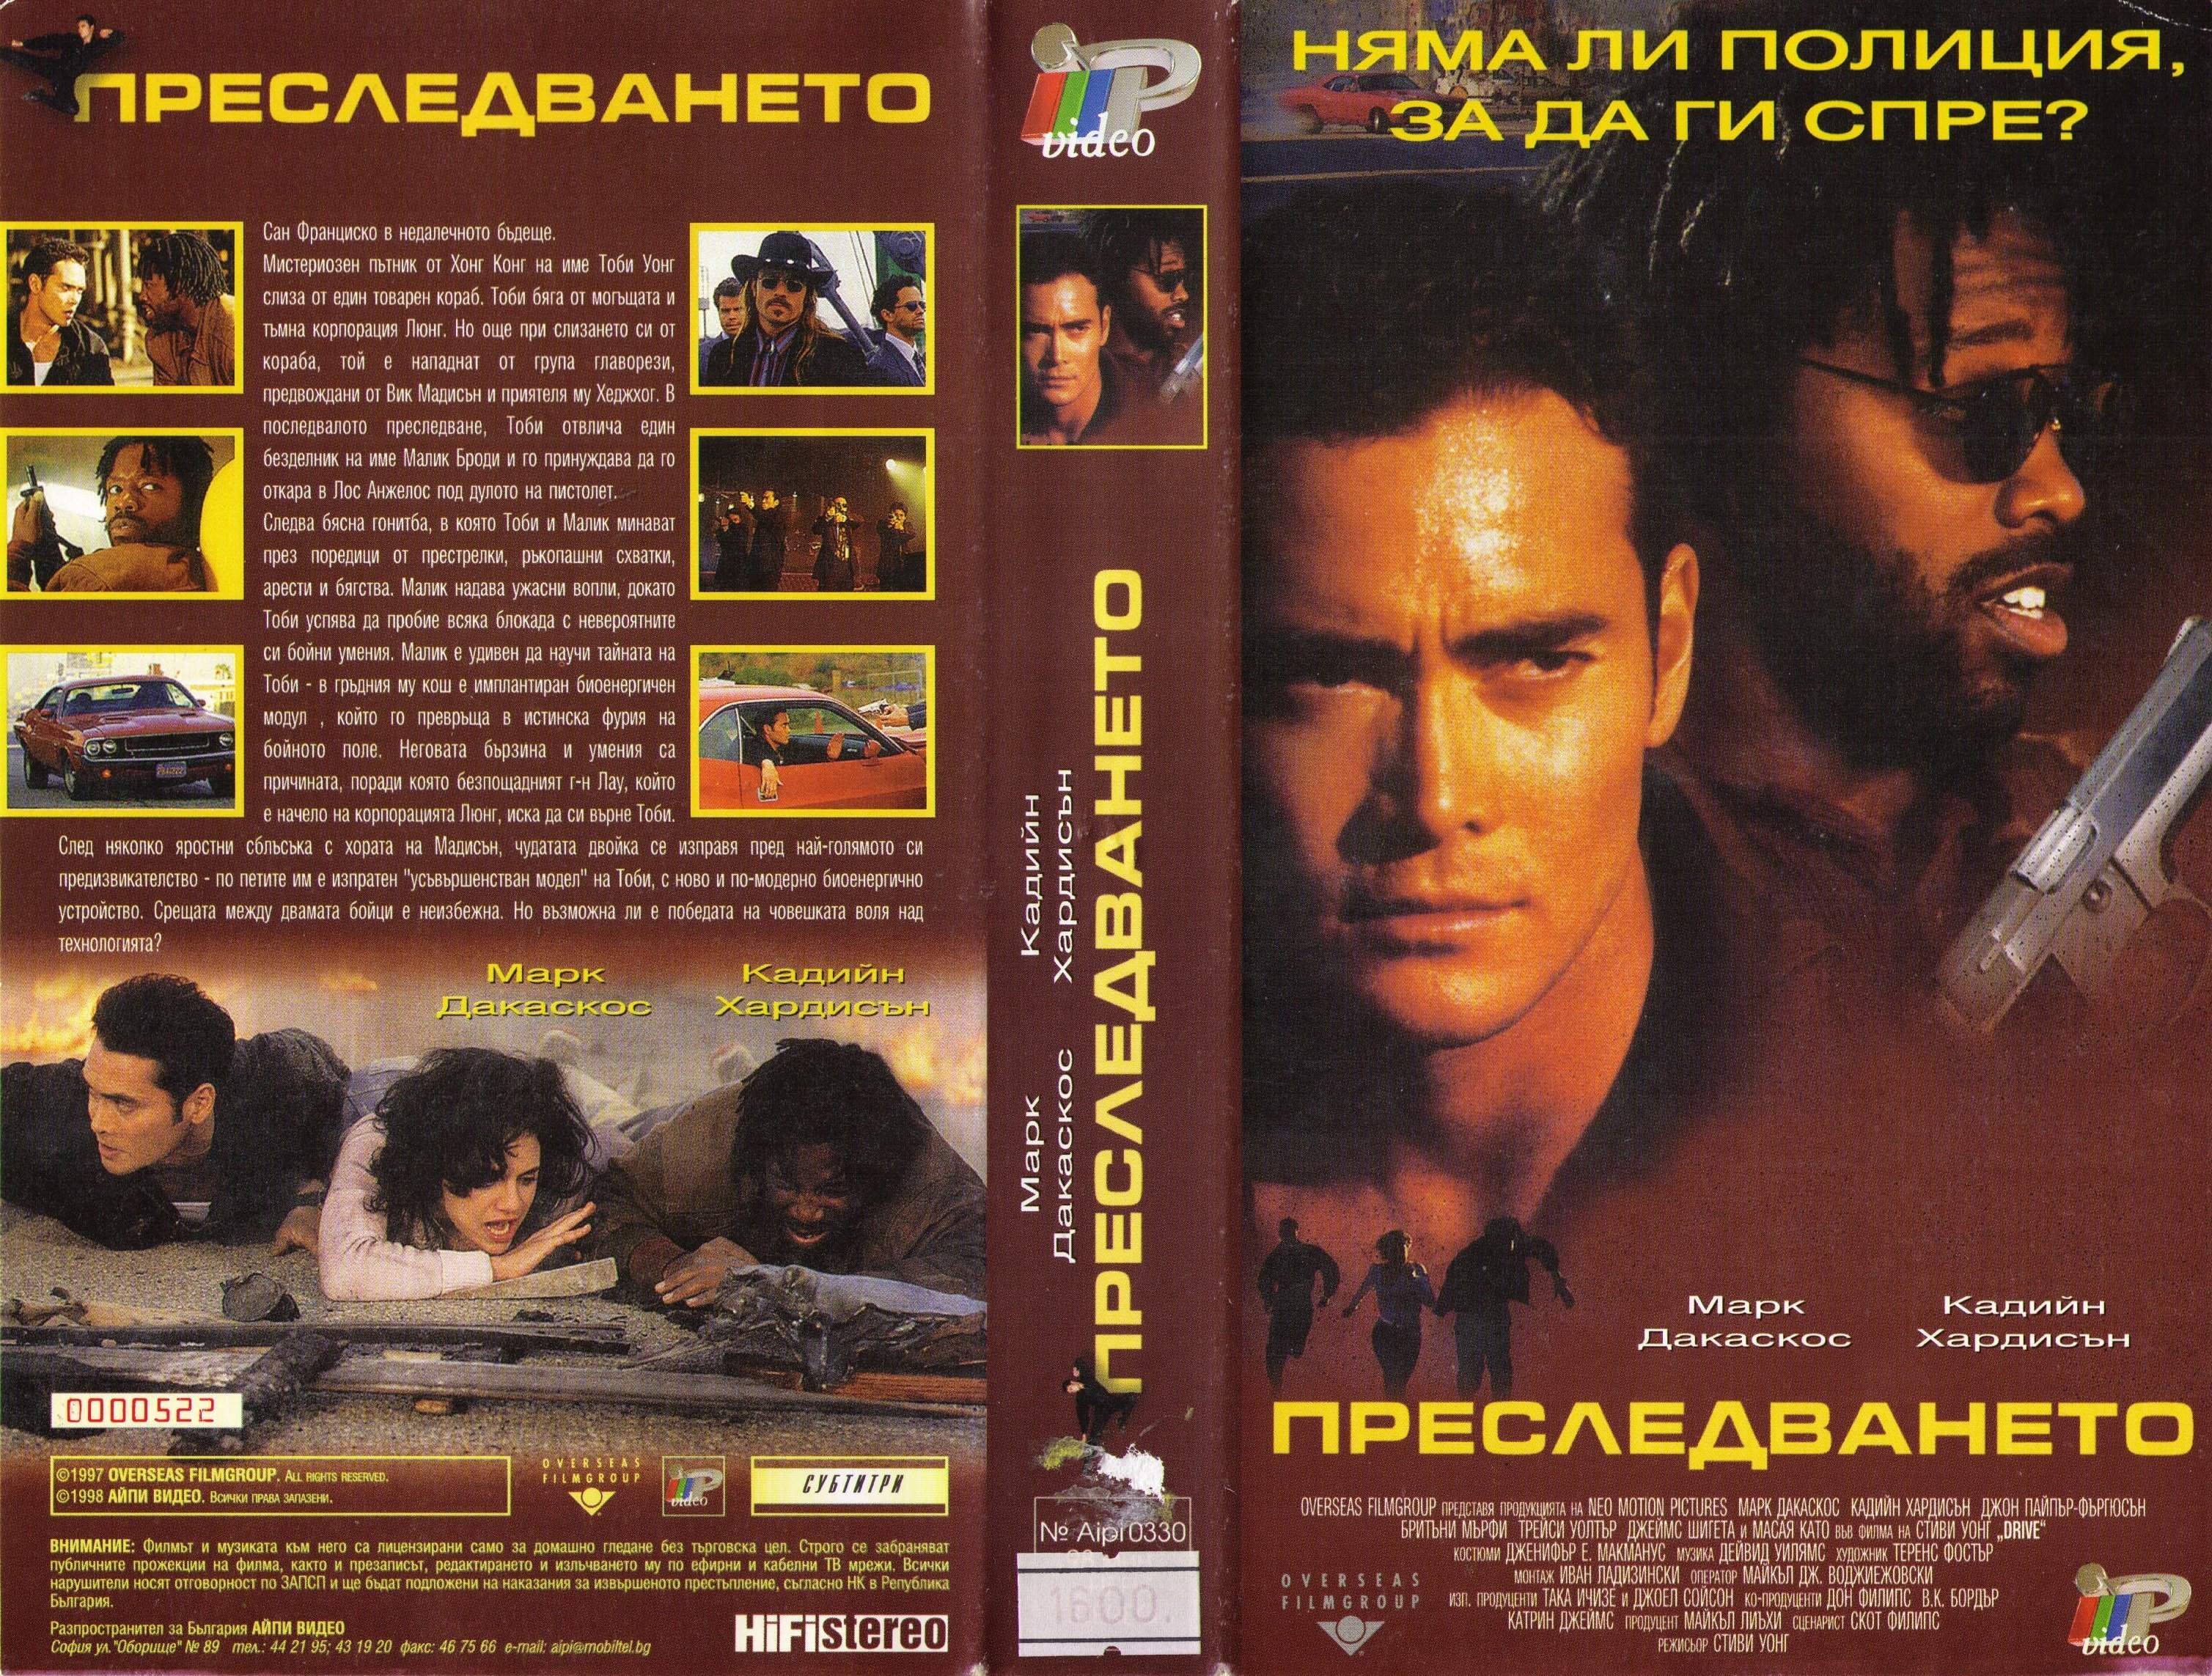 Преследването филм постер